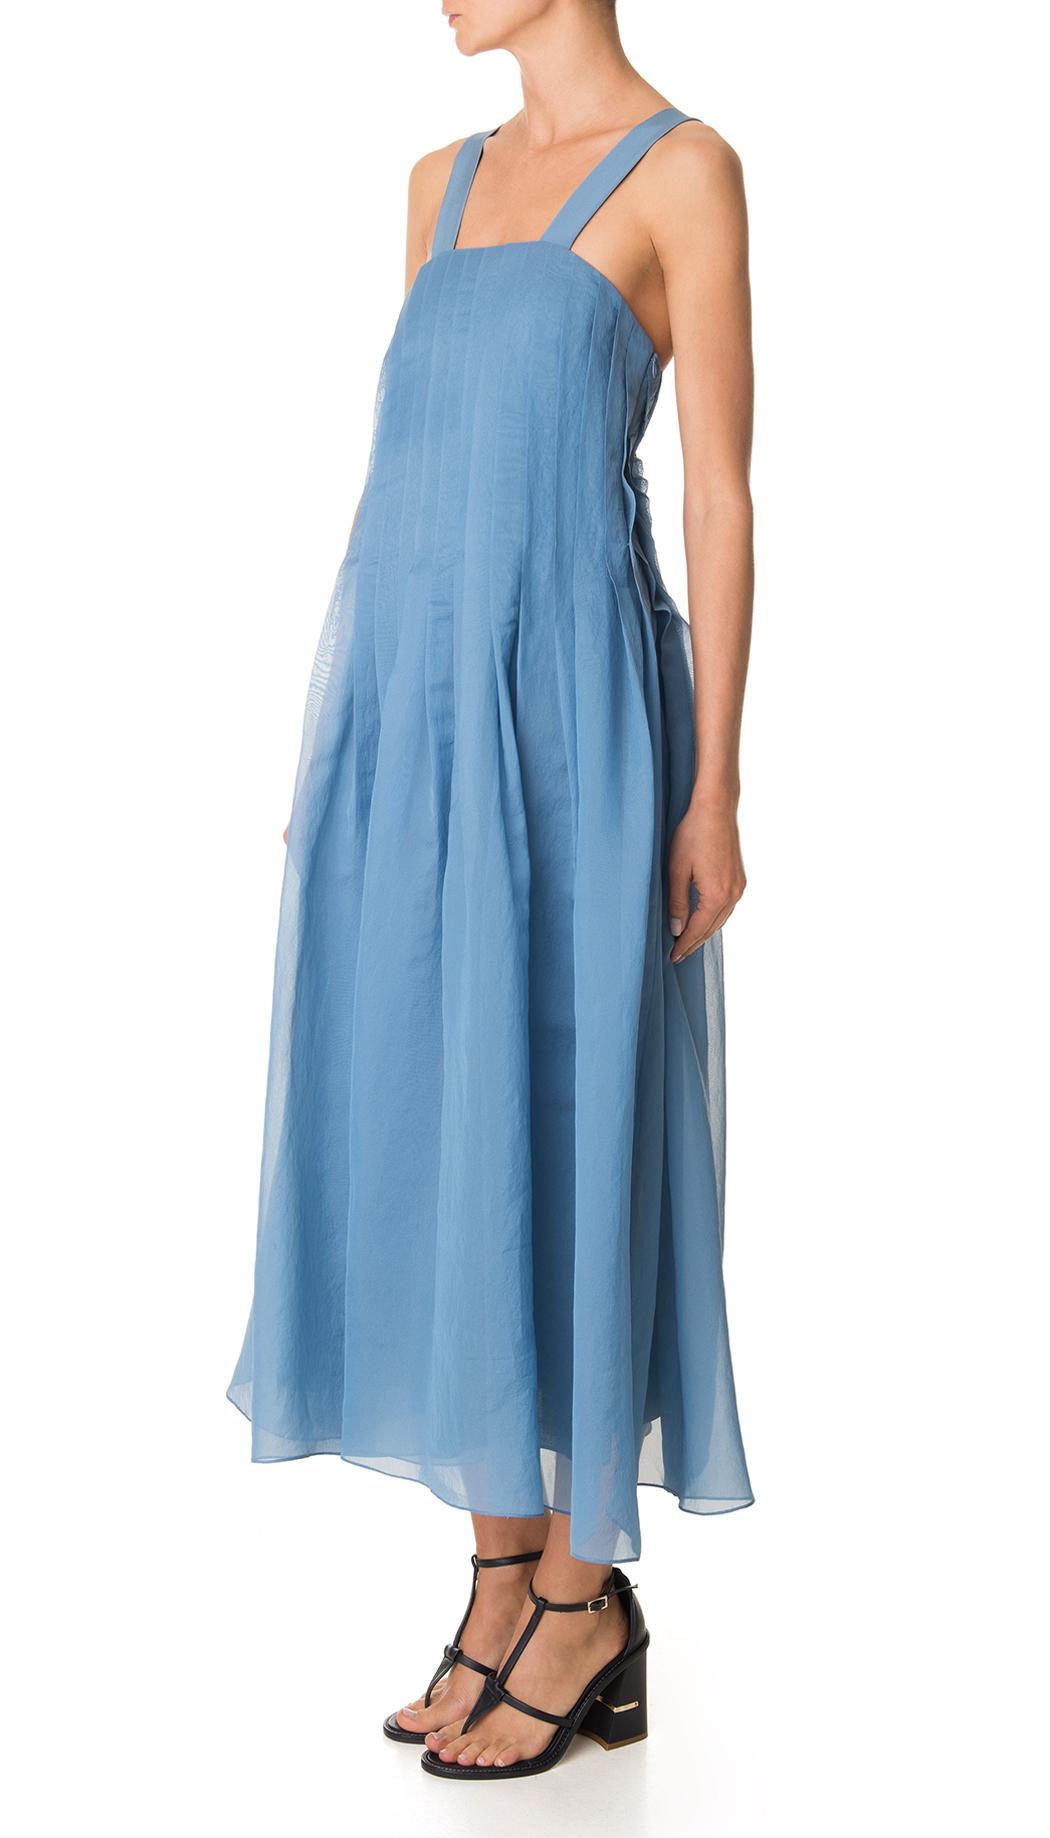 Tibi Isa Organza Pleated Dress in Blue | Lyst